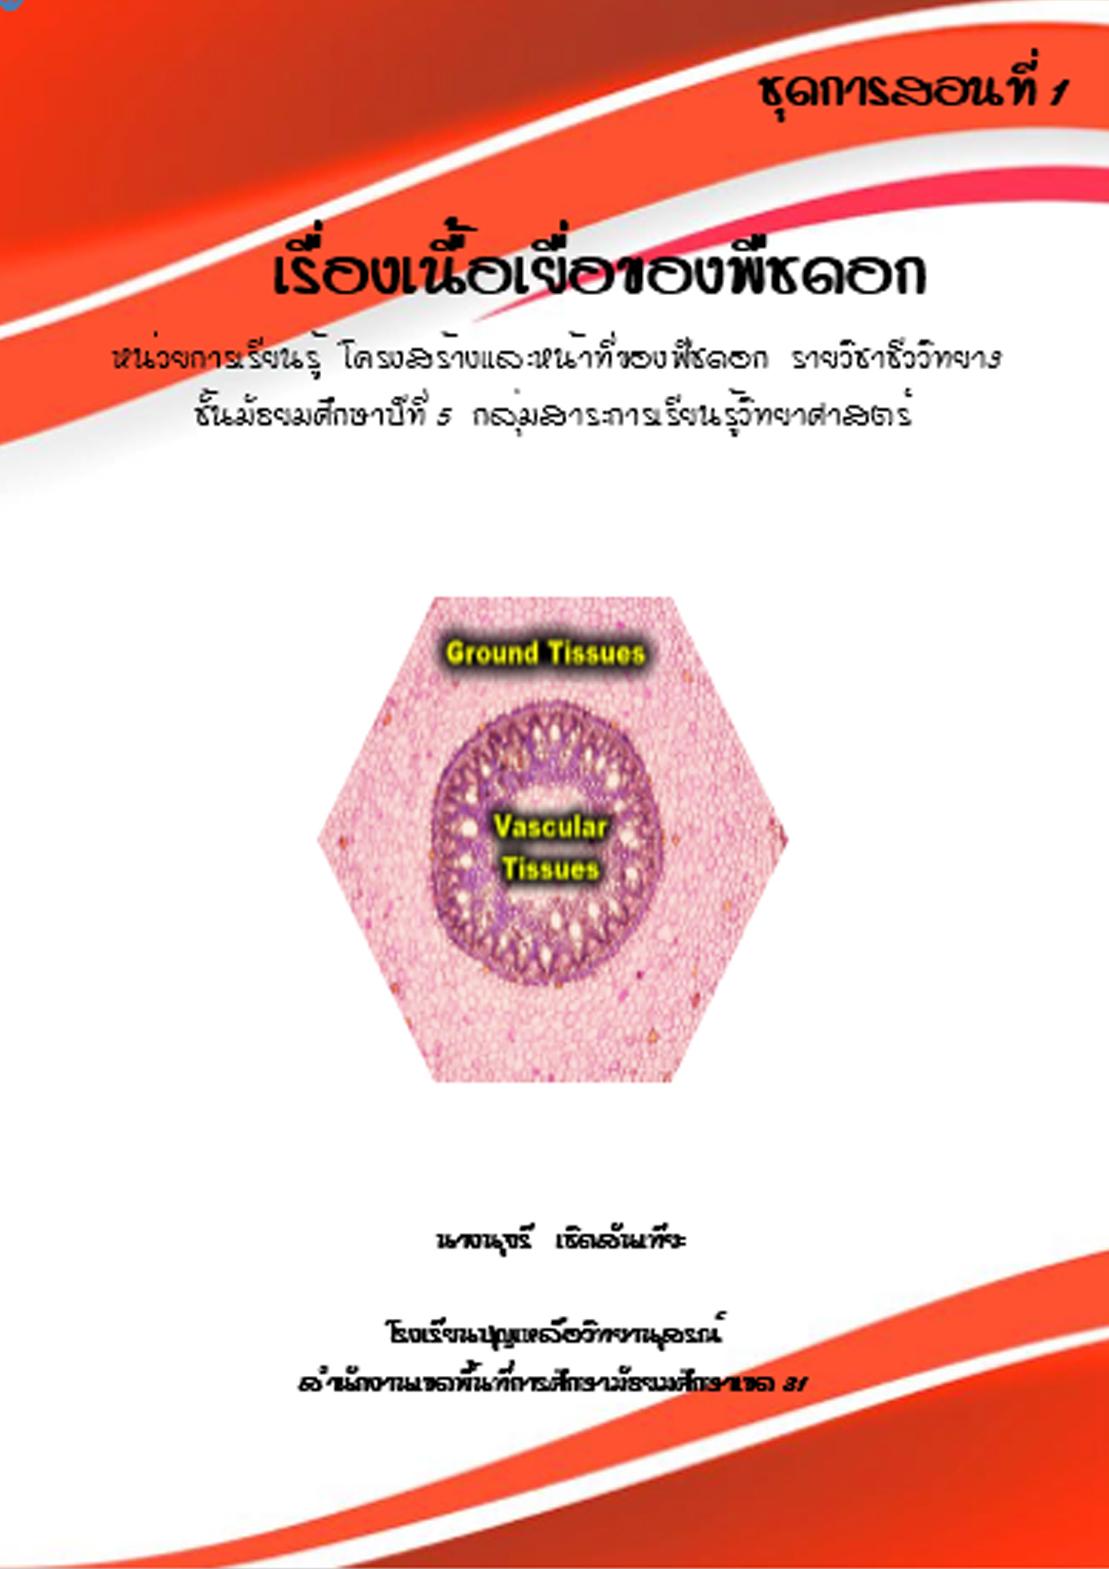 ชุดการสอนที่1 เรื่อง เนื้อเยื่อของพืชดอก ผลงานครูนุจรี เชิดสันเทียะ